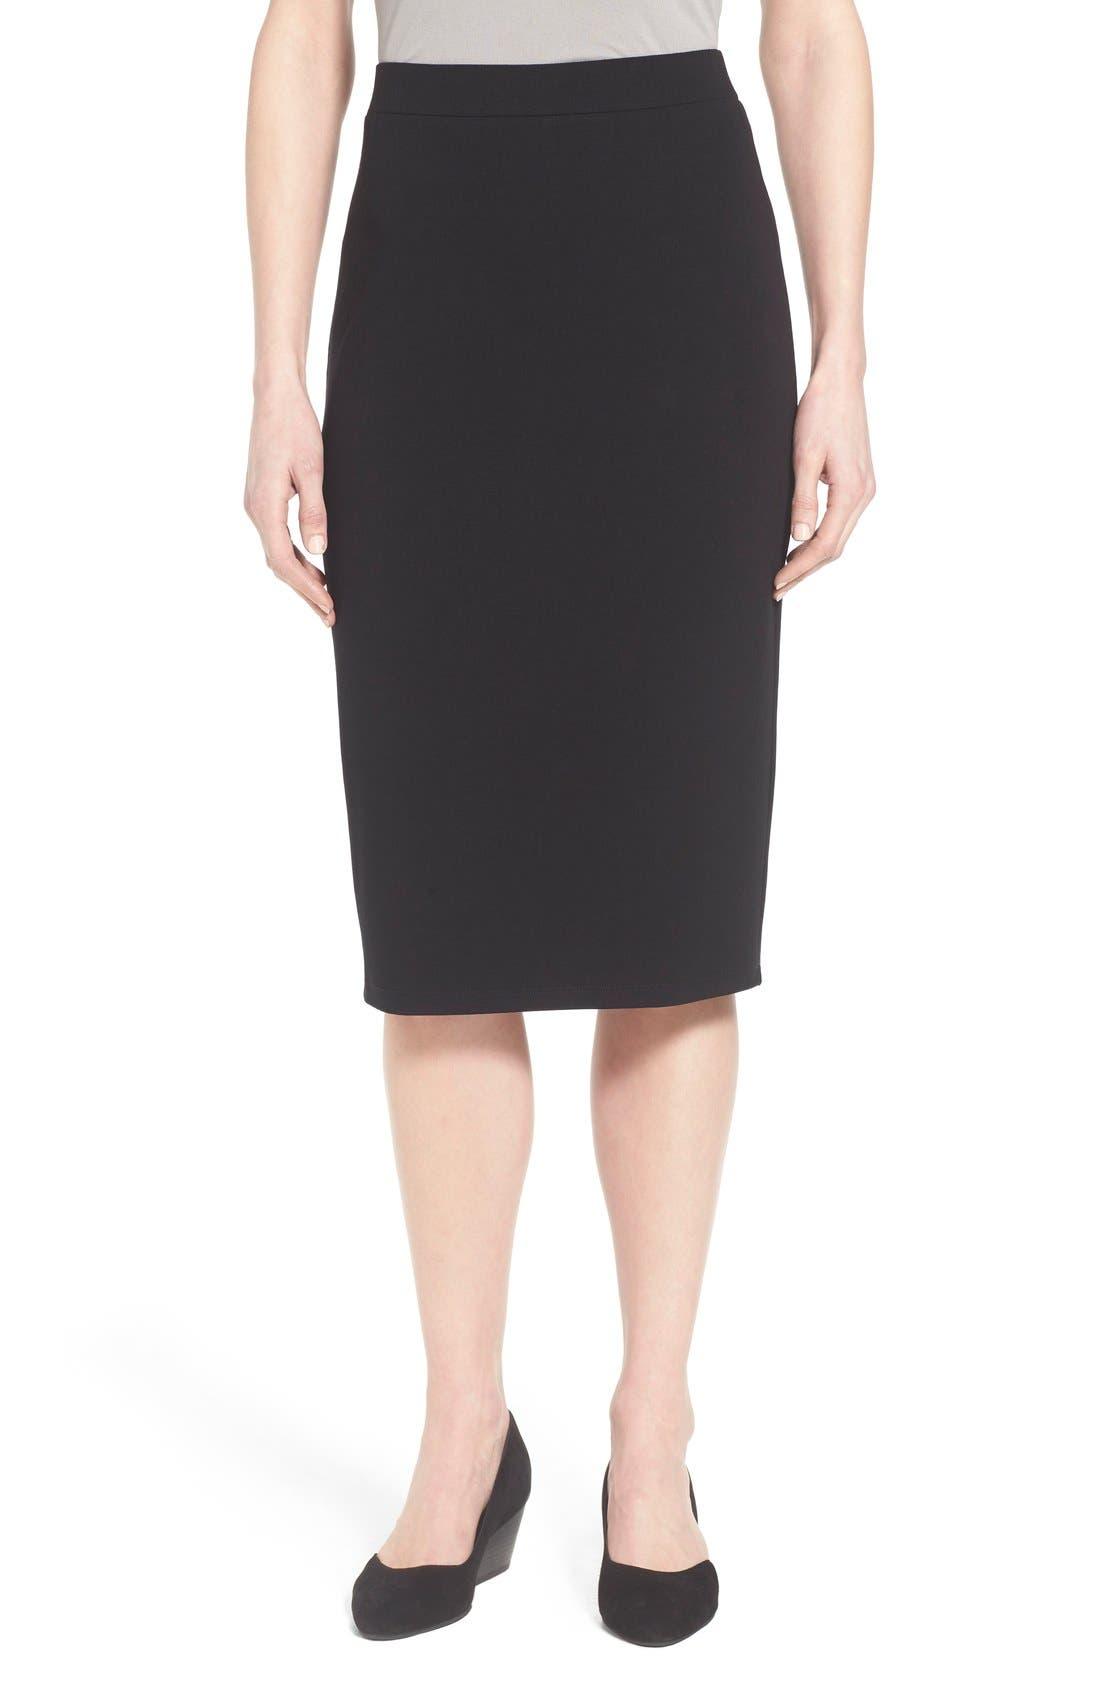 Eileen Fisher Calf Length Pencil Skirt (Regular & Petite)